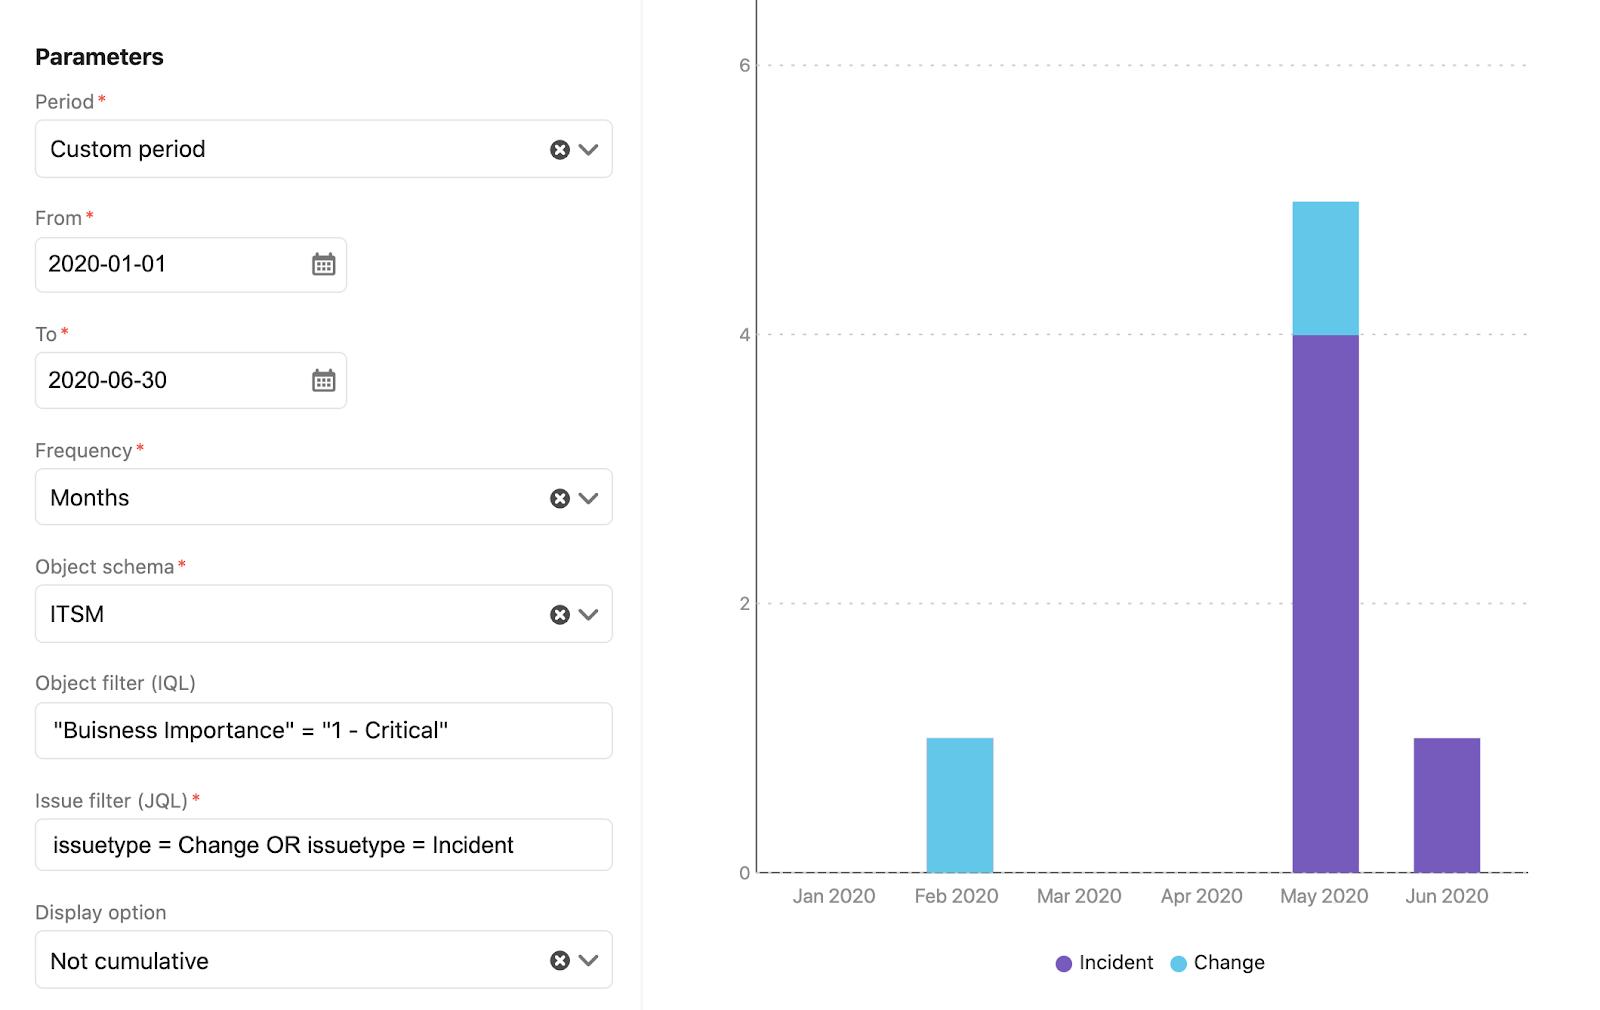 Configuratievenster van een Insight-rapport met het aantal wijzigingen of incidenten dat betrekking heeft op objecten waaraan het hoogste bedrijfsbelang is toegewezen.